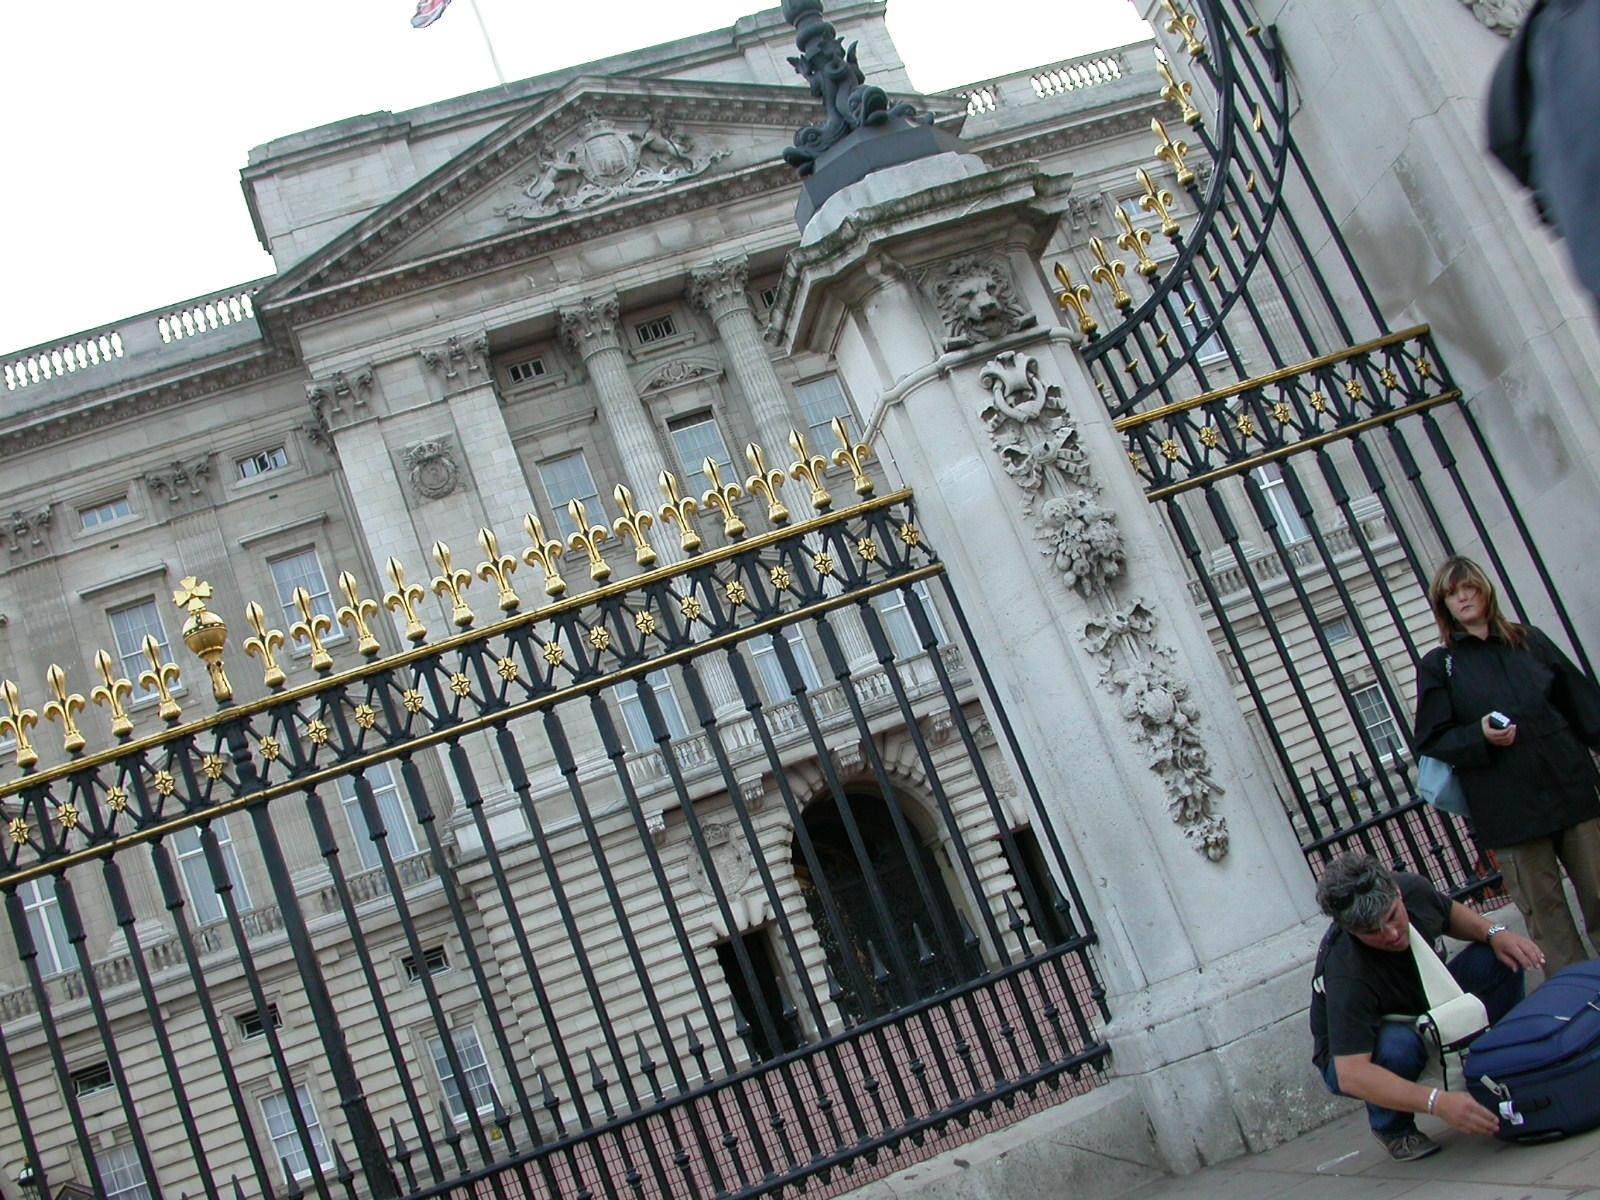 eva palace architecture fence united kingdom england royalty